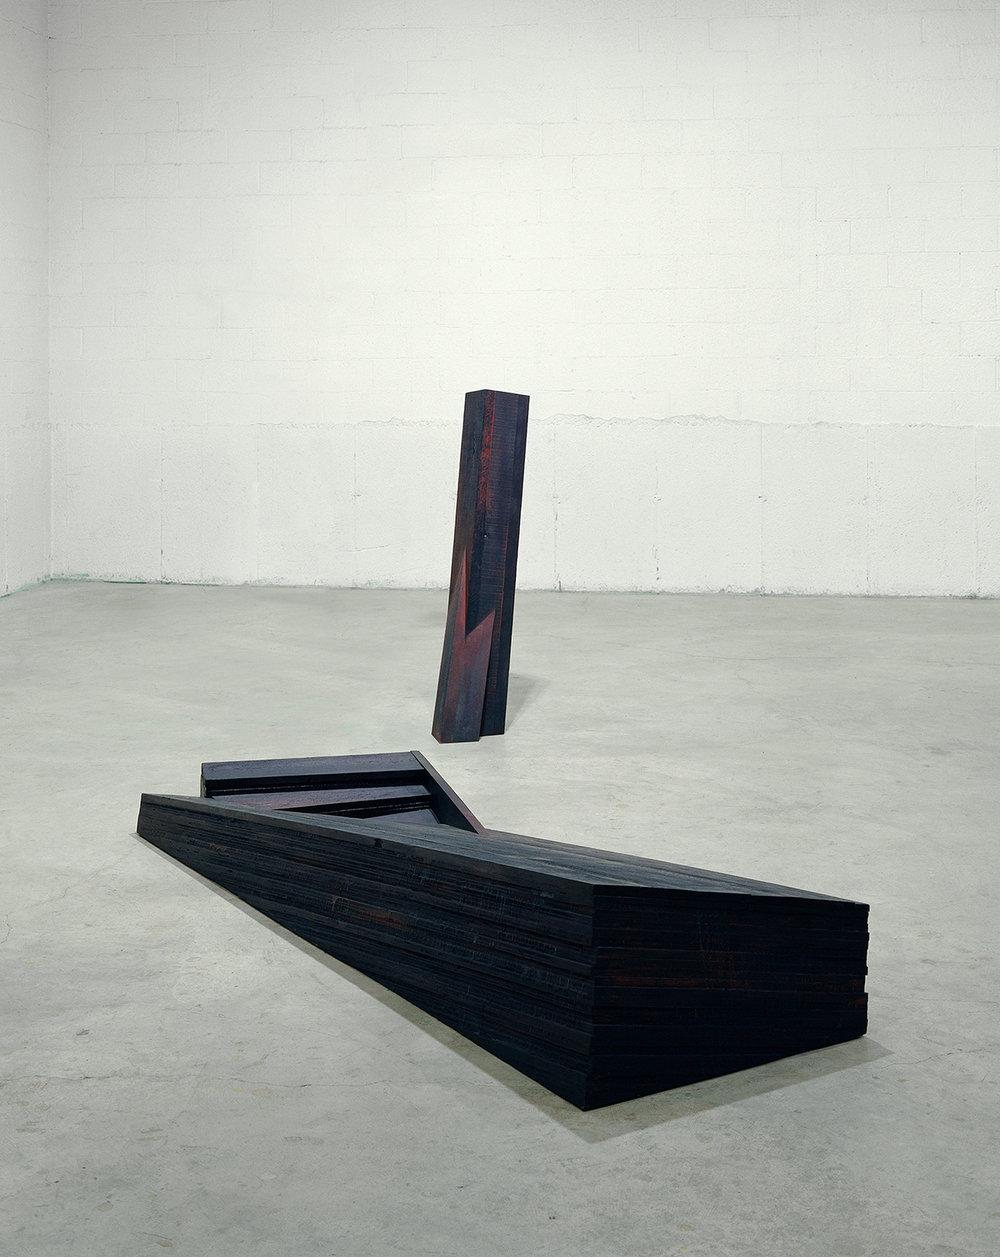 Entailles  (1996)  Bois polychrome, 132 x 90 x 41 cm, collection de l'artiste. photo : Richard-Max Tremblay